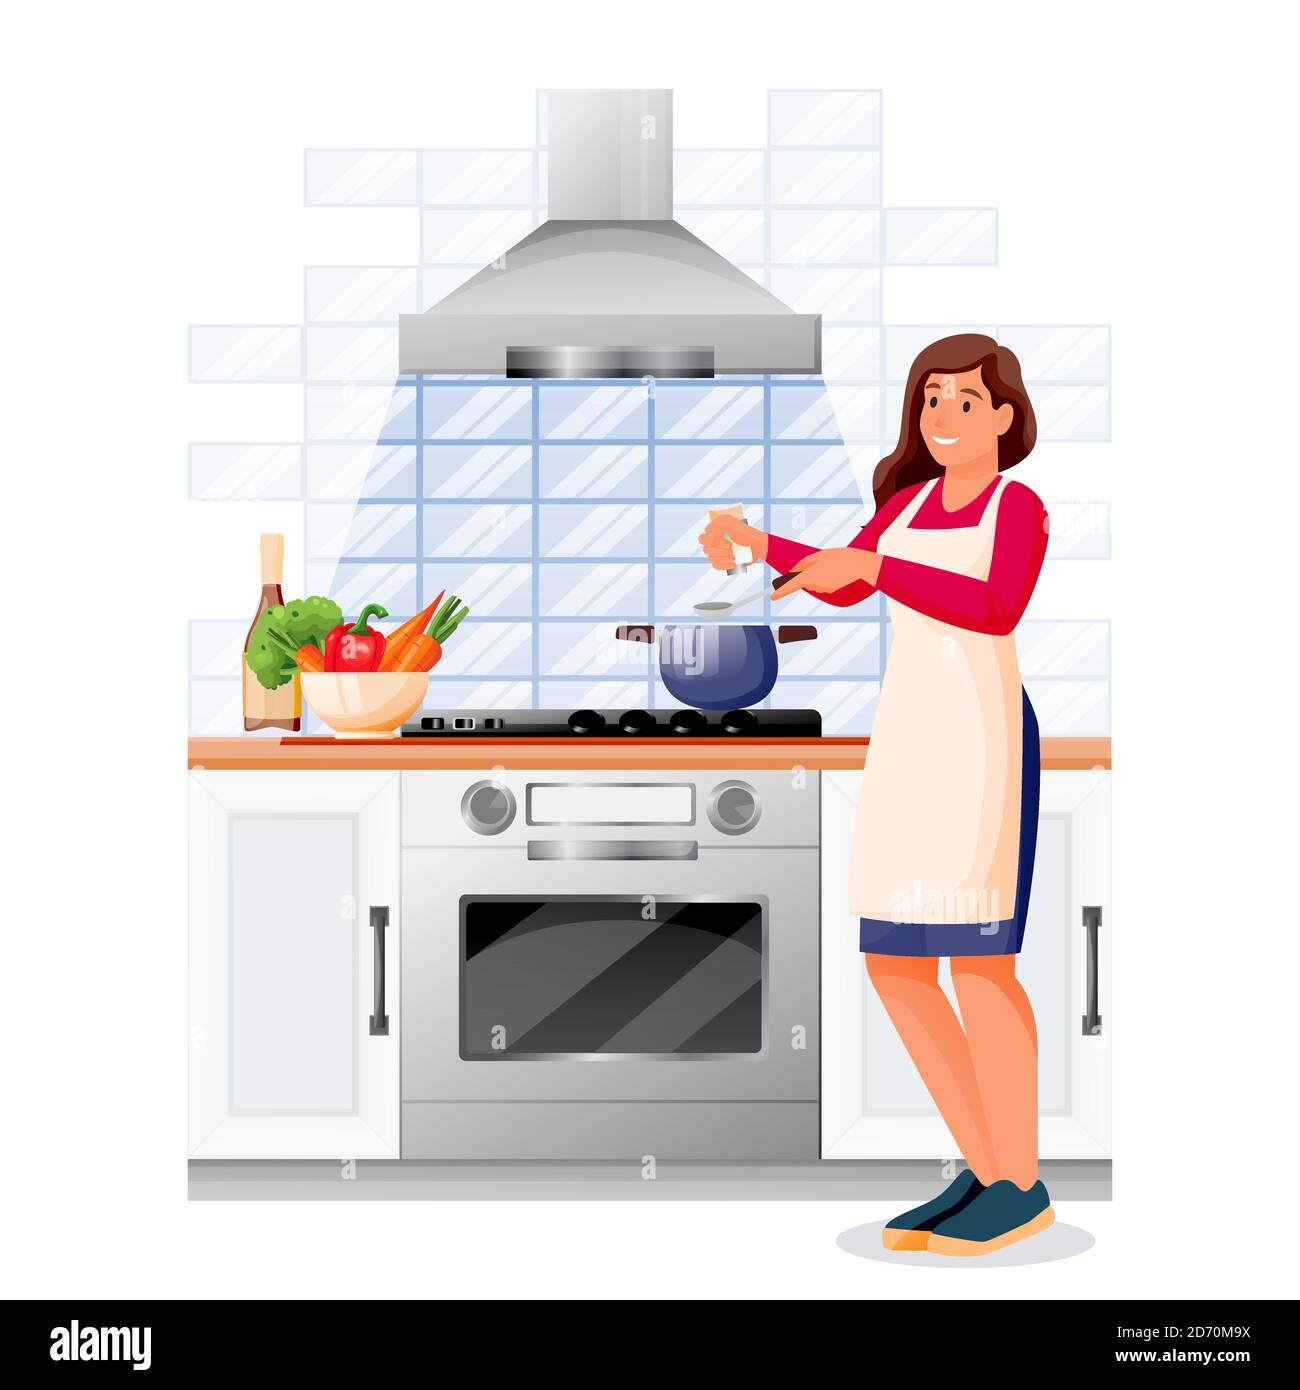 Glückliche Frau Kocht Gemüsesuppe In Der Küche Junges Mädchen In Schürze Macht Gesundes Mittag Oder Abendessen Vektorzeichen Hausmahlzeiten Rezepte L Stock Vektorgrafik Alamy